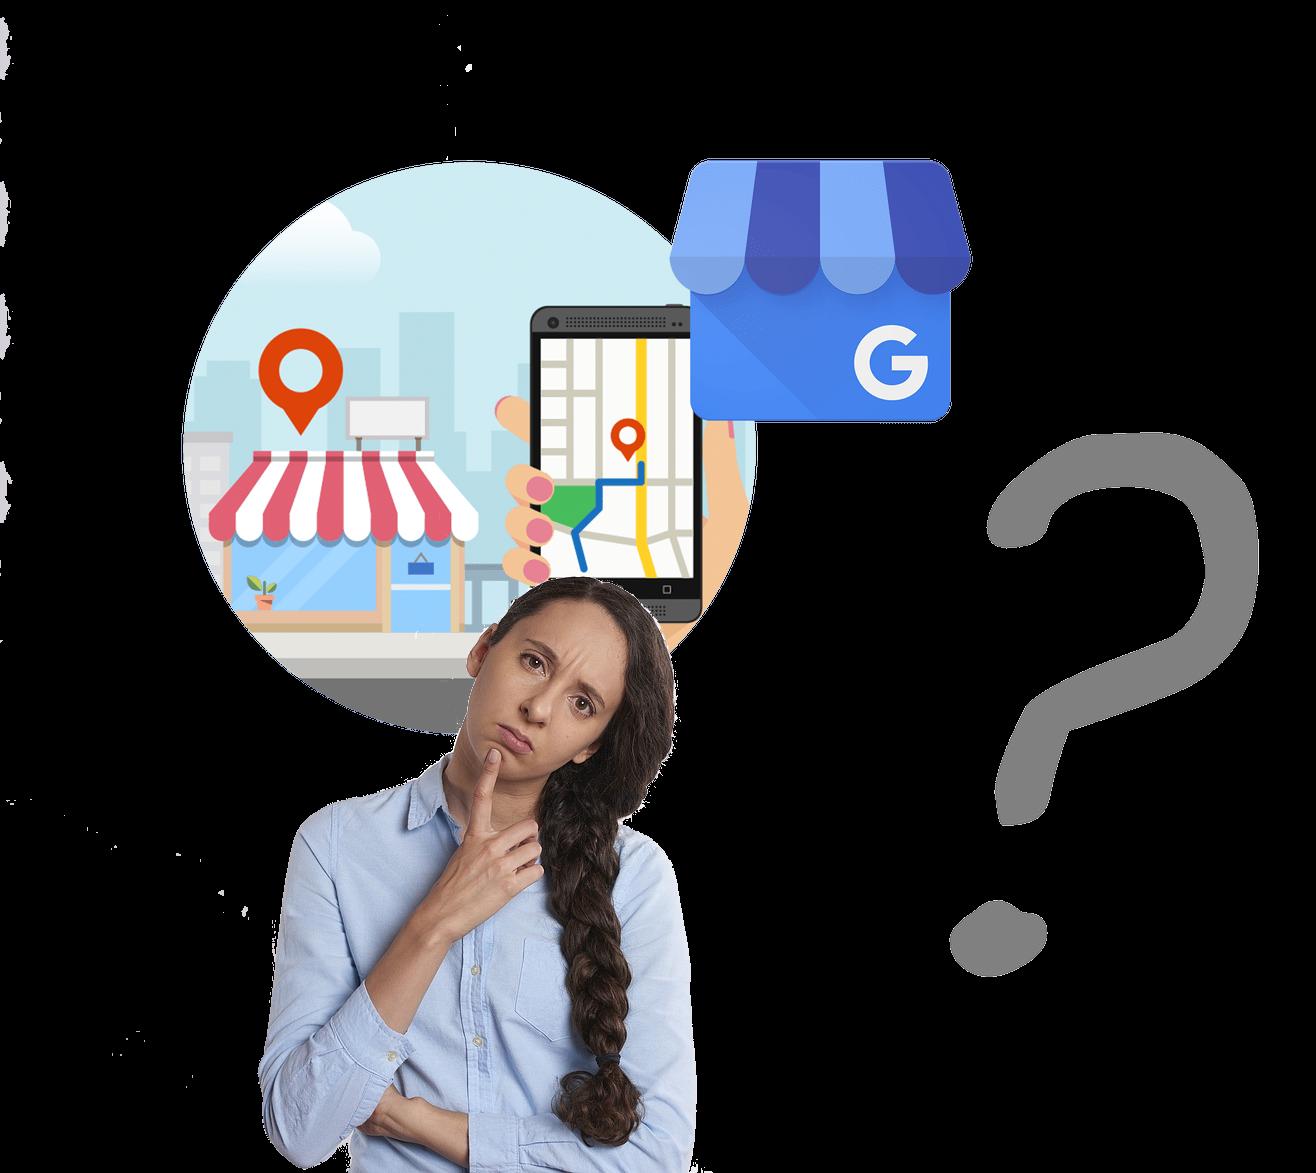 Unser Google My Business Standort ist ein Hotel und wir wollen Beiträge posten.  Was können wir hier tun?